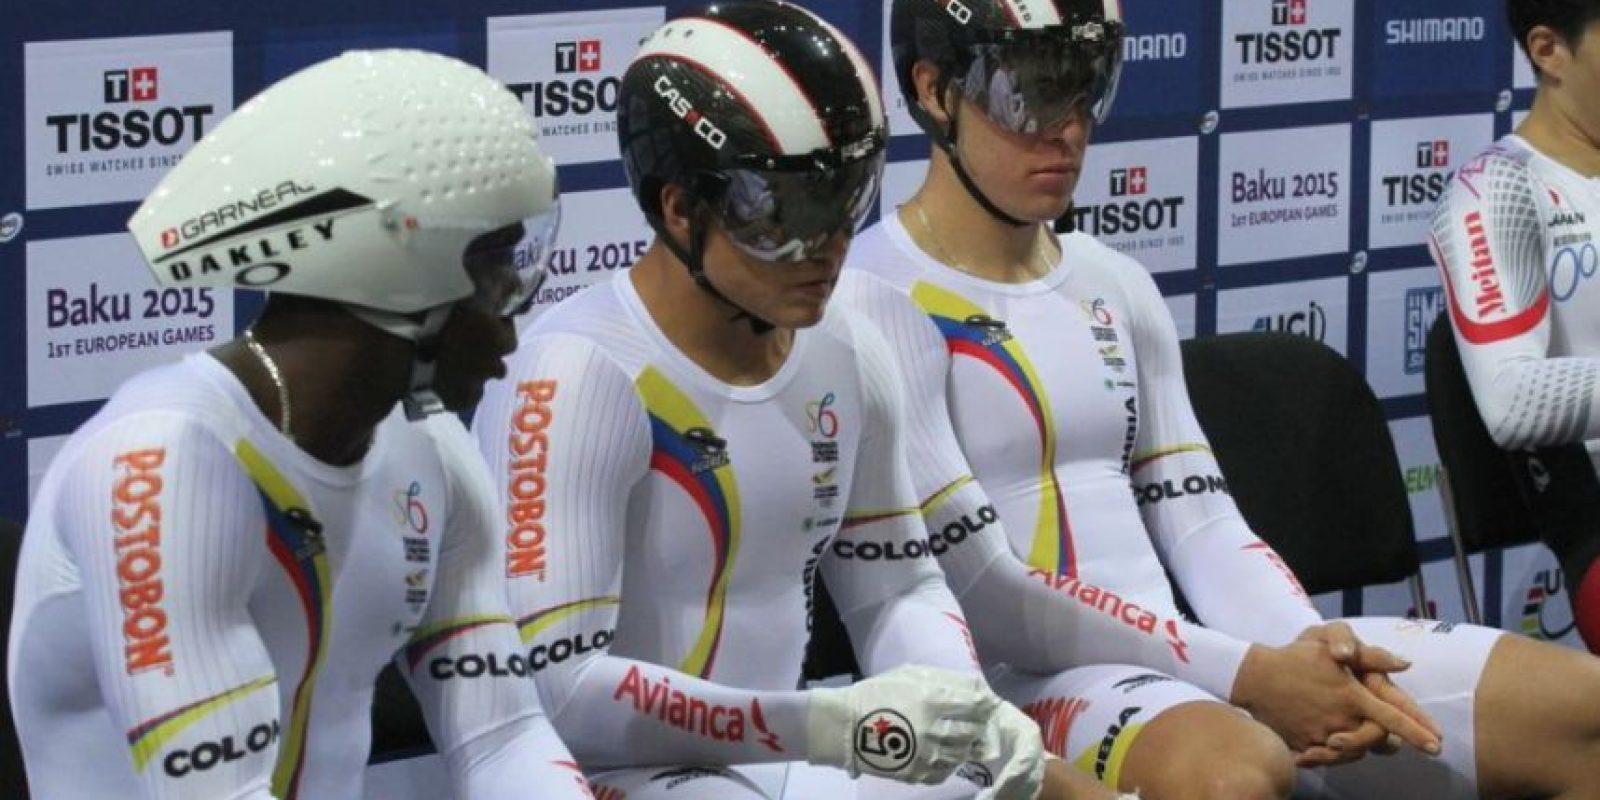 Foto:Cortesía Federación Colombiana de Ciclismo